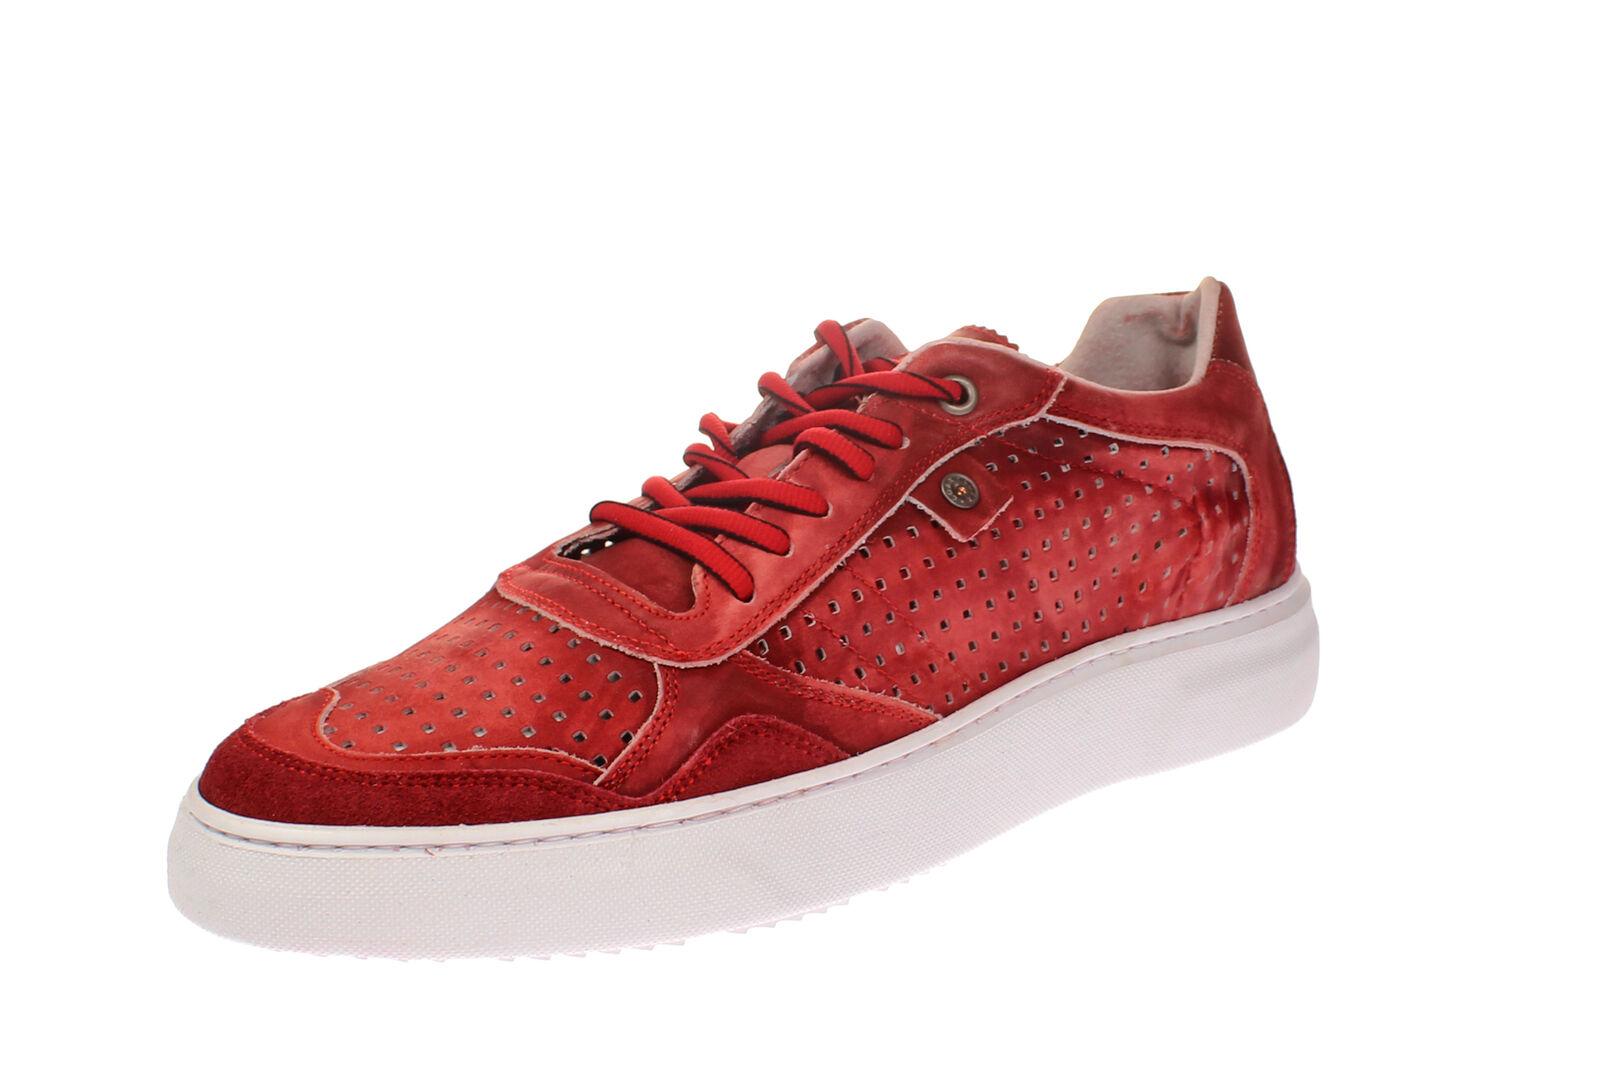 Coxx borba mrochedo 101.07 - zapatos caballero zapatos casual-rojo